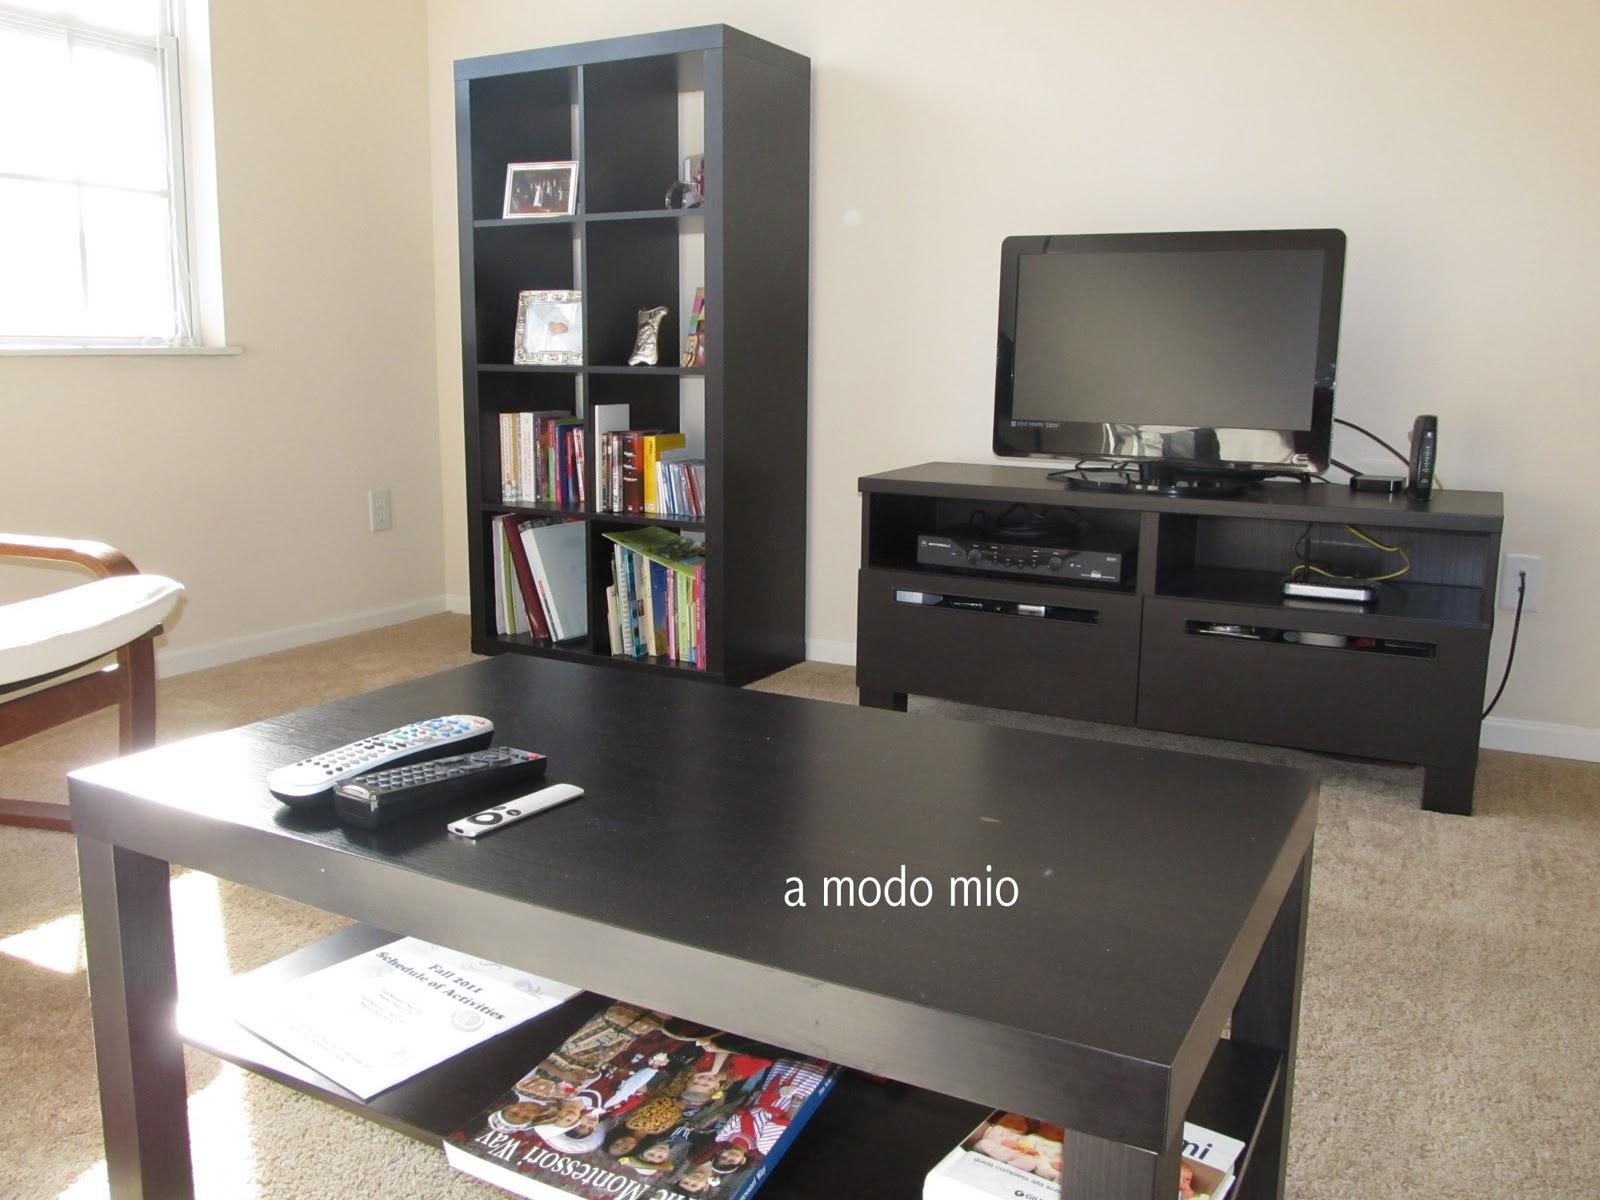 Ikea Letto Bianco Ferro: Comodini ikea : modelli di stile per la ...